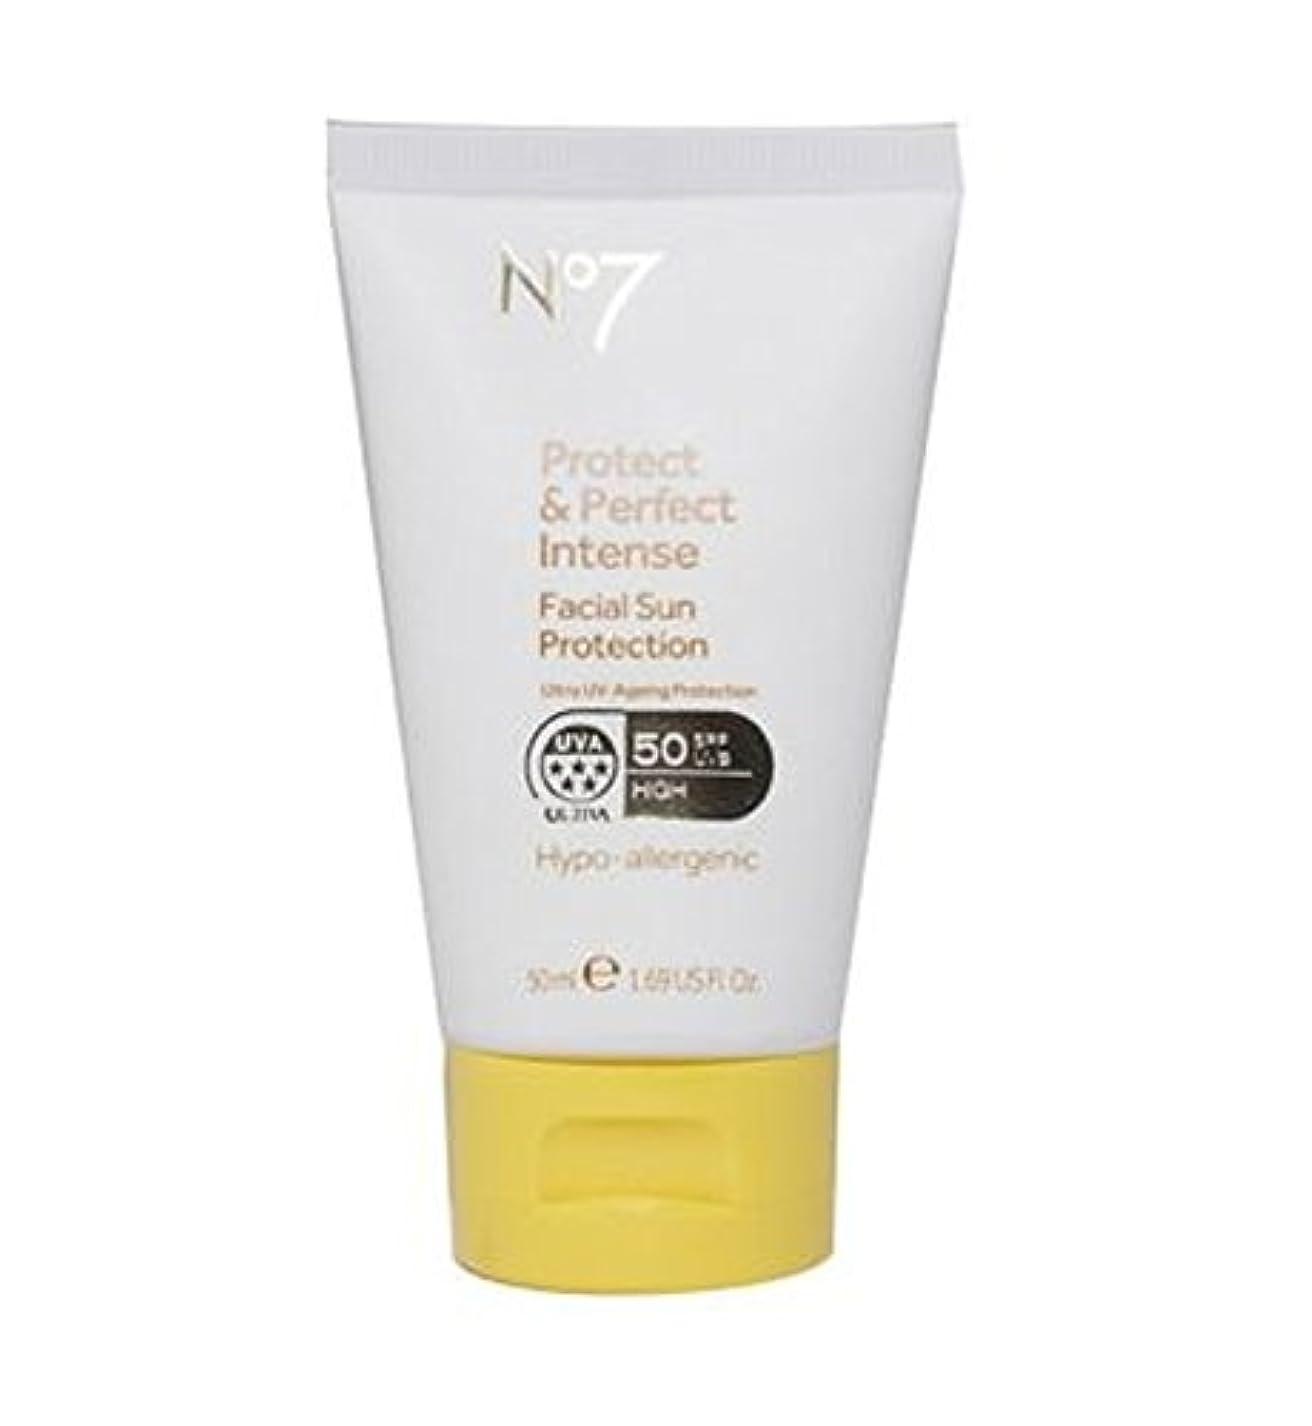 夜明け捧げるトレイNo7 Protect & Perfect Intense Facial Sun Protection SPF 50 50ml - No7保護&完璧な強烈な顔の日焼け防止Spf 50 50ミリリットル (No7) [並行輸入品]